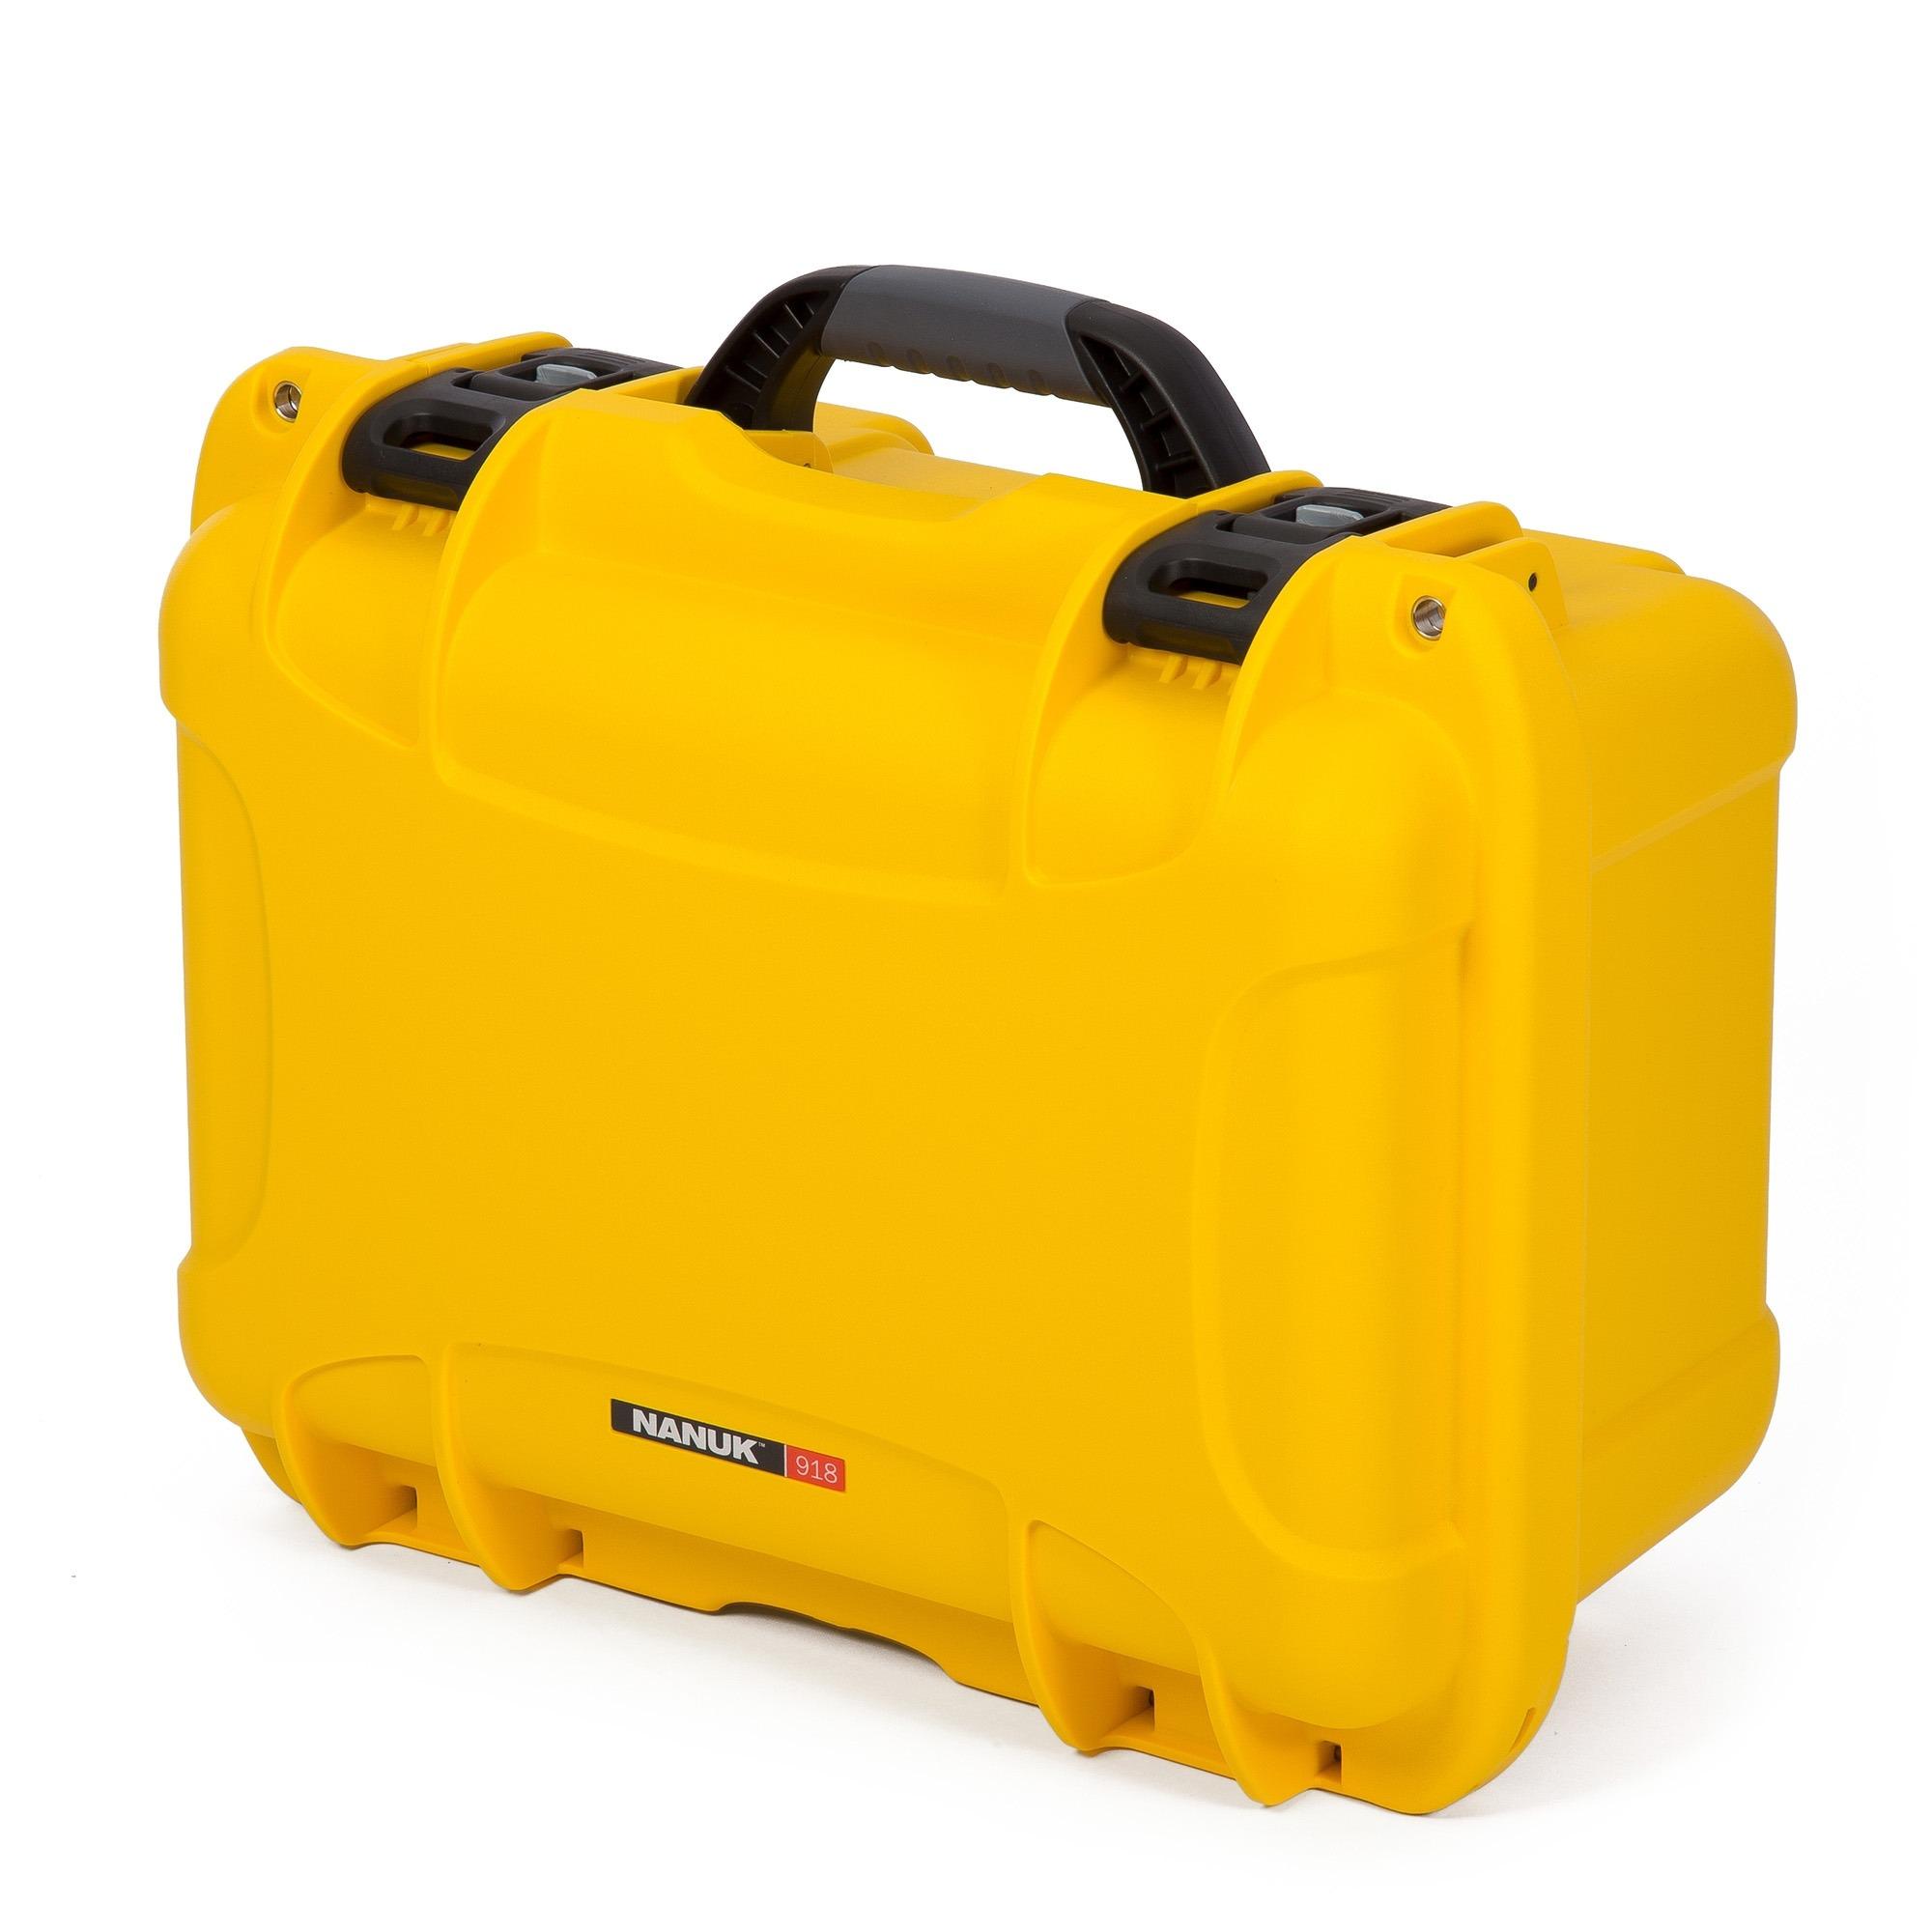 Nanuk 918 – Yellow